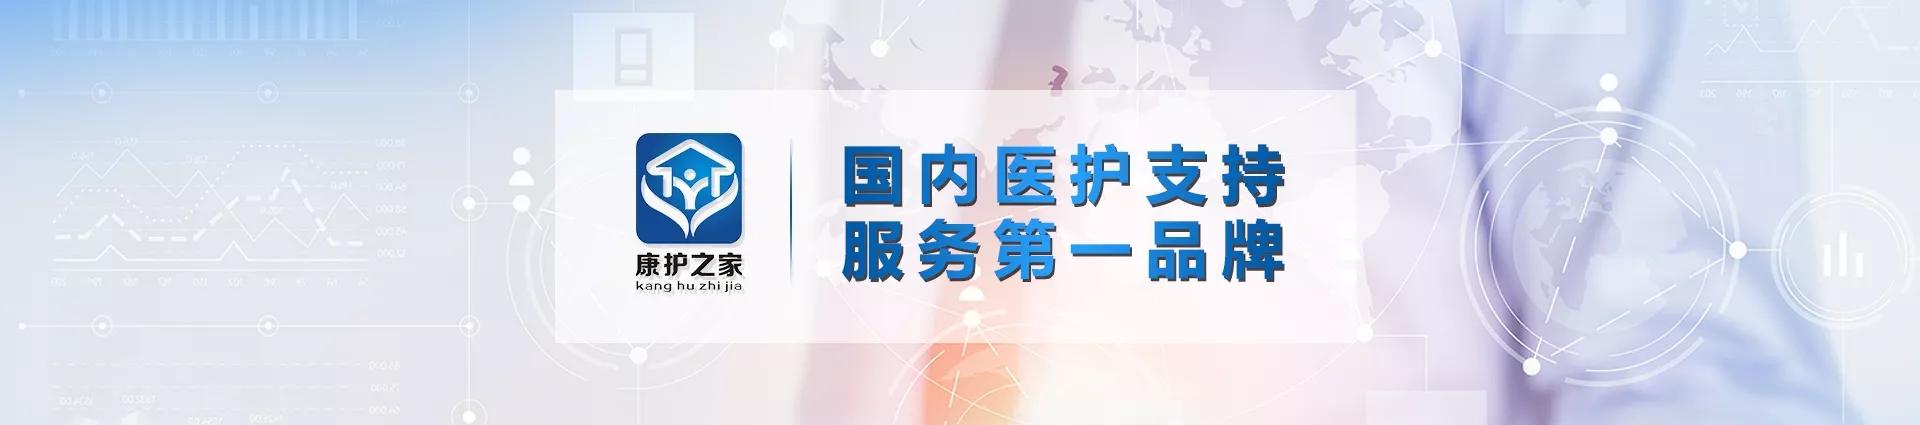 中国领先的医疗护理人才提供商